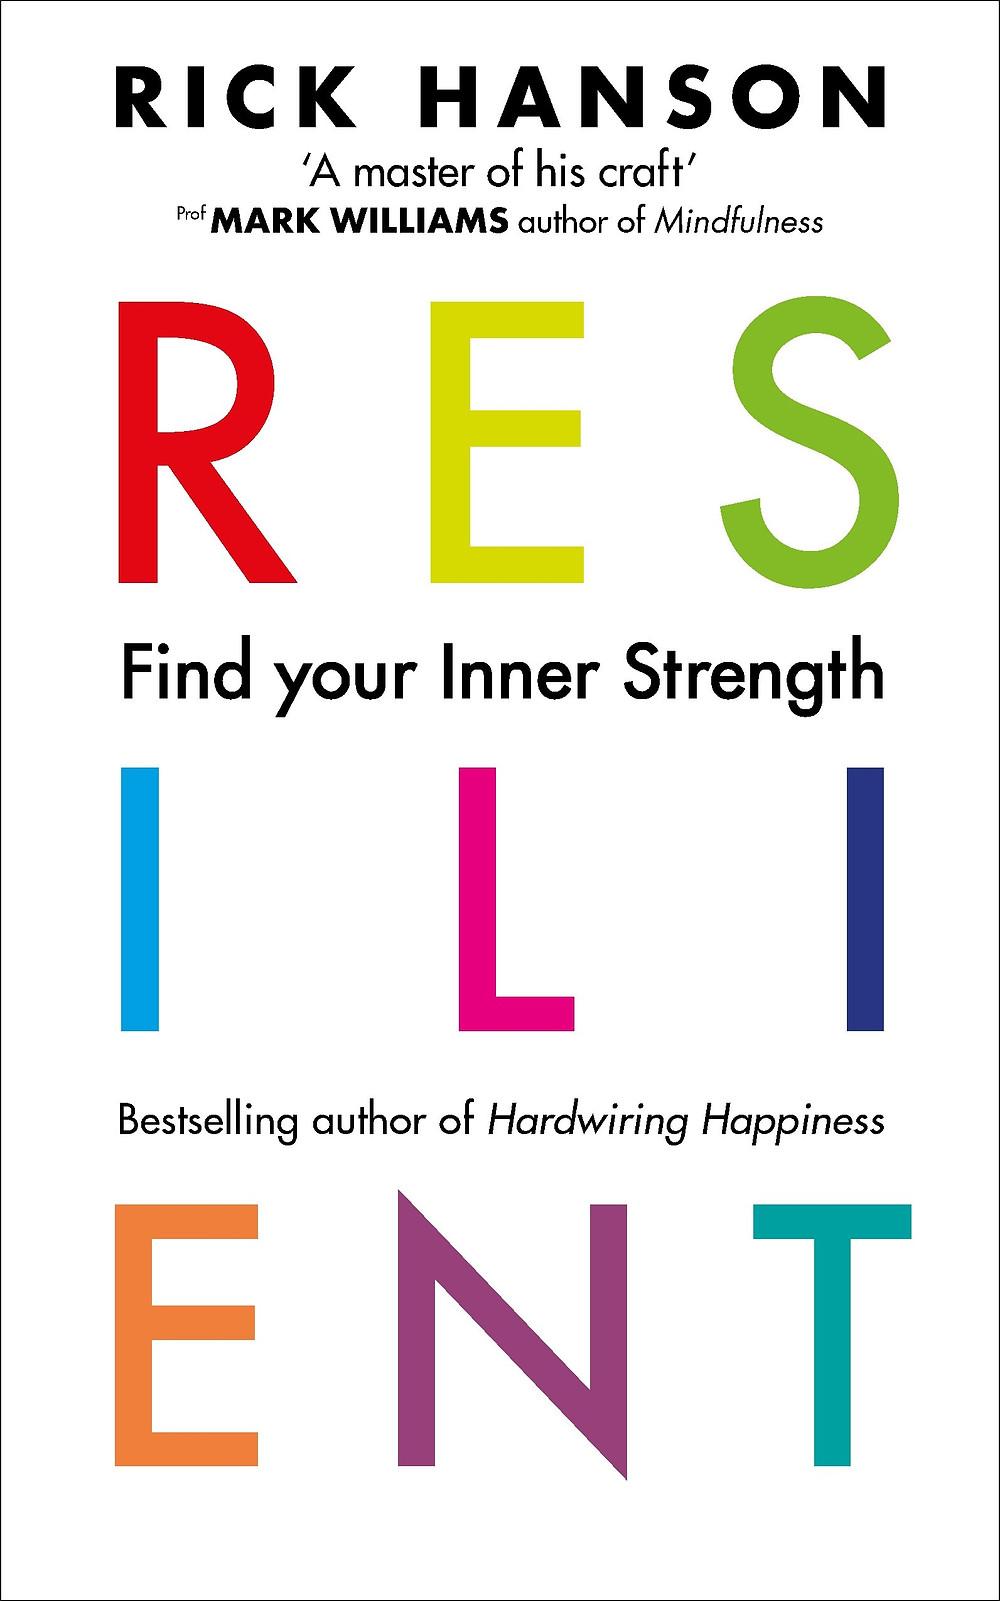 Resilient by Rick Hanson Ph.D image via Amazon website